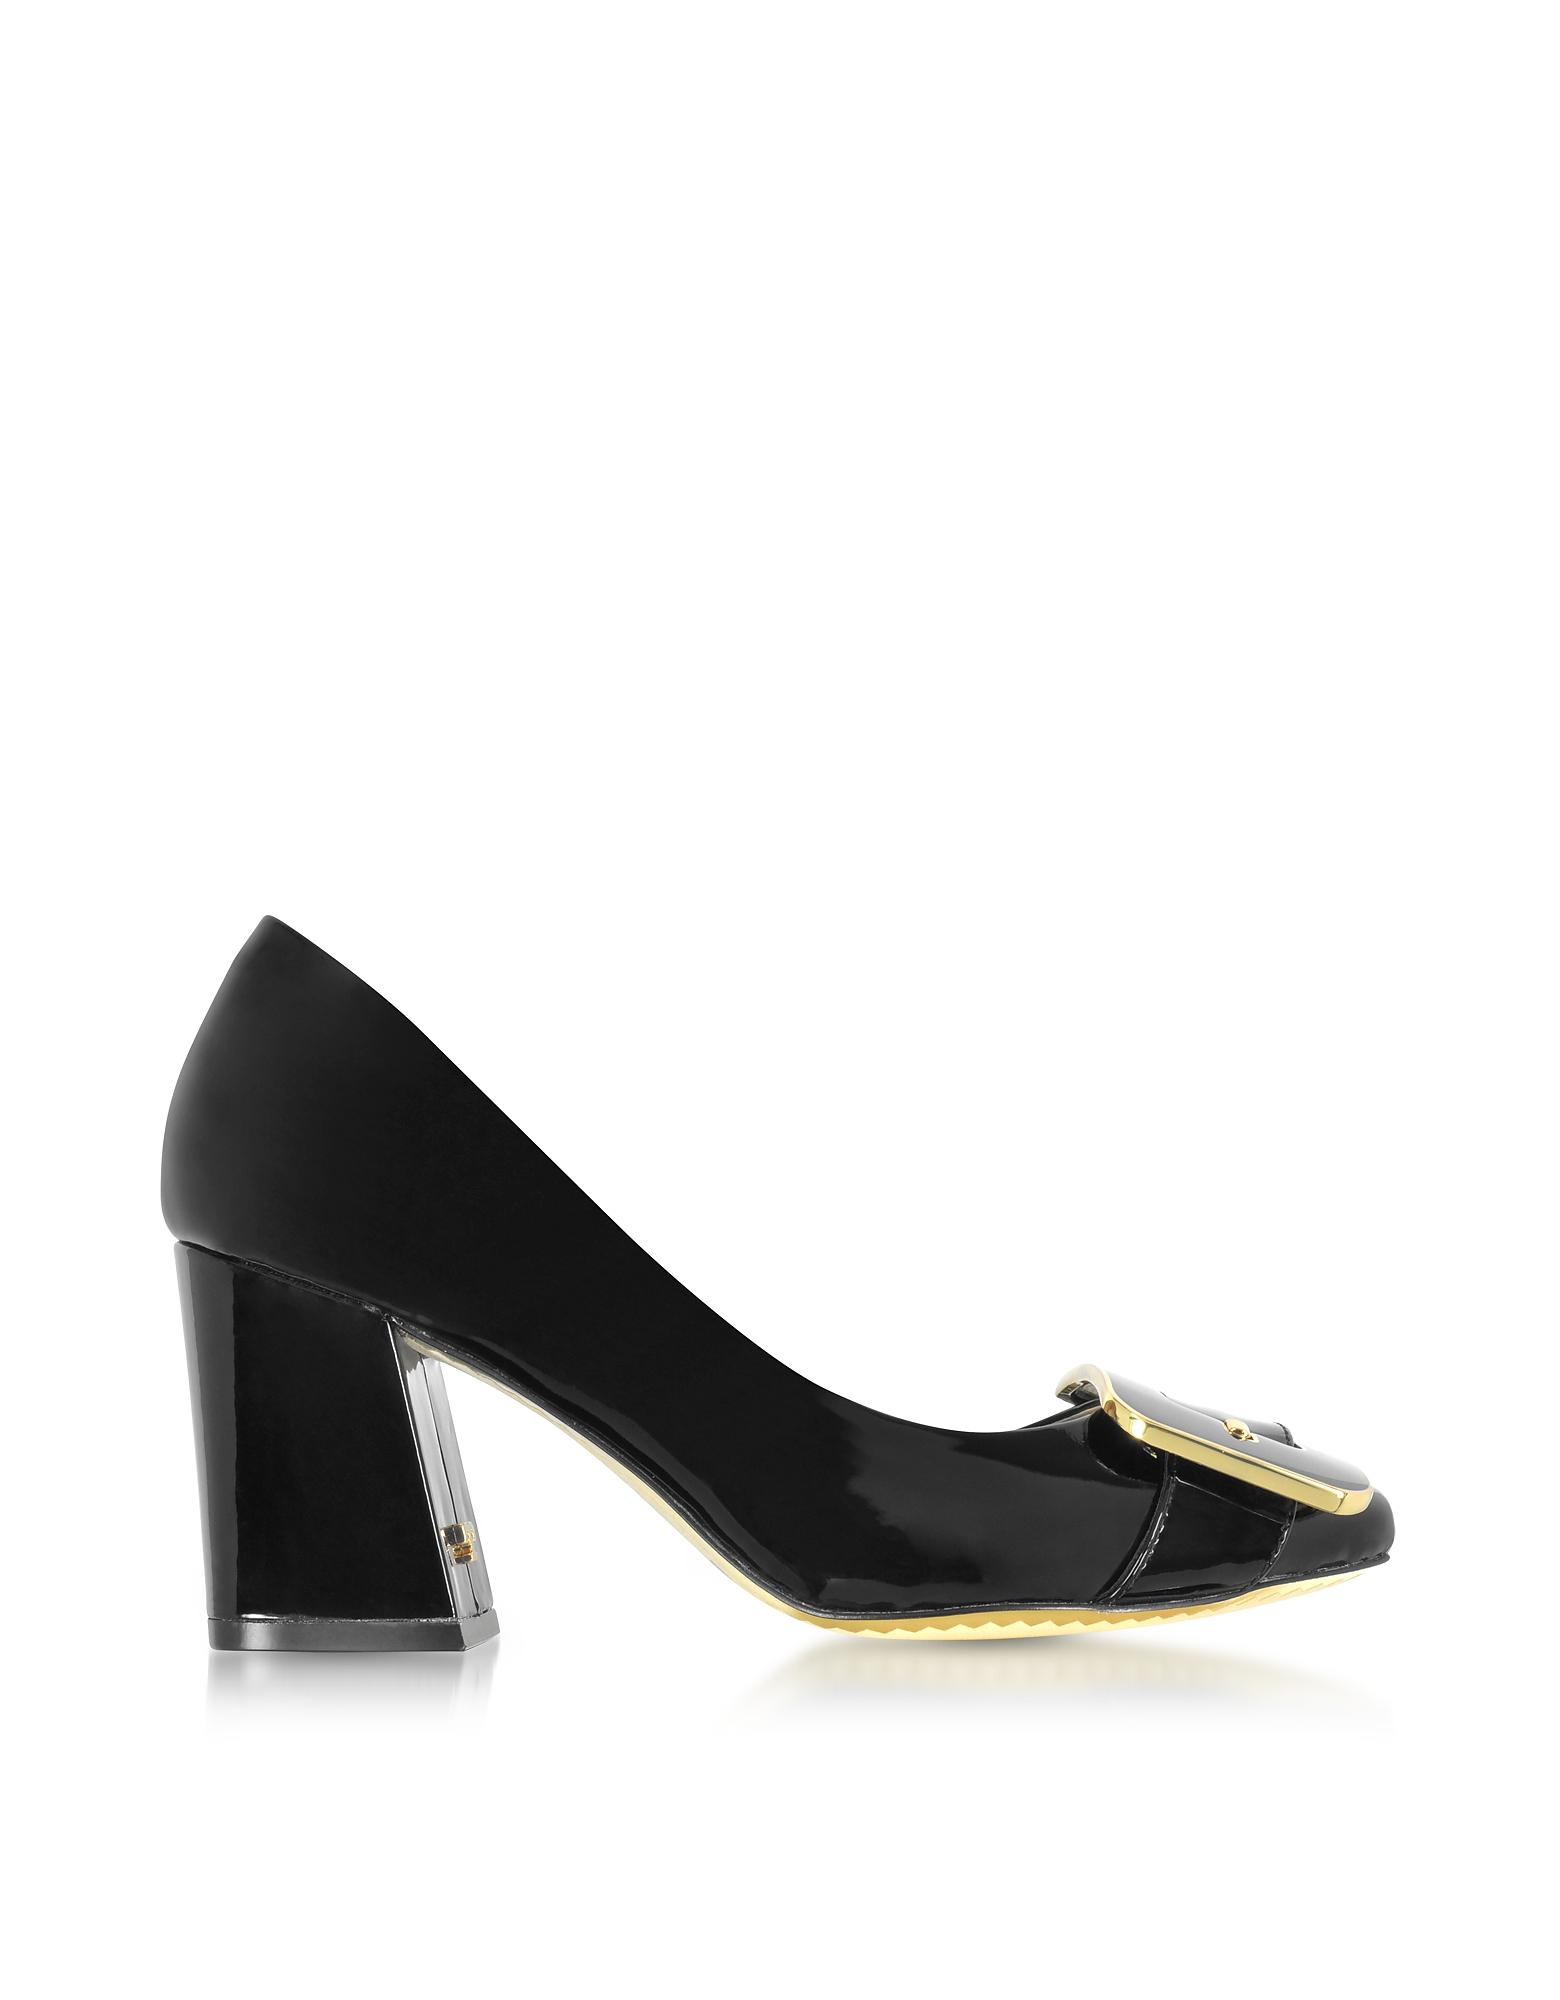 Maria - Черные Туфли-Лодочки из Лакированной Кожи на Высоком Каблуке